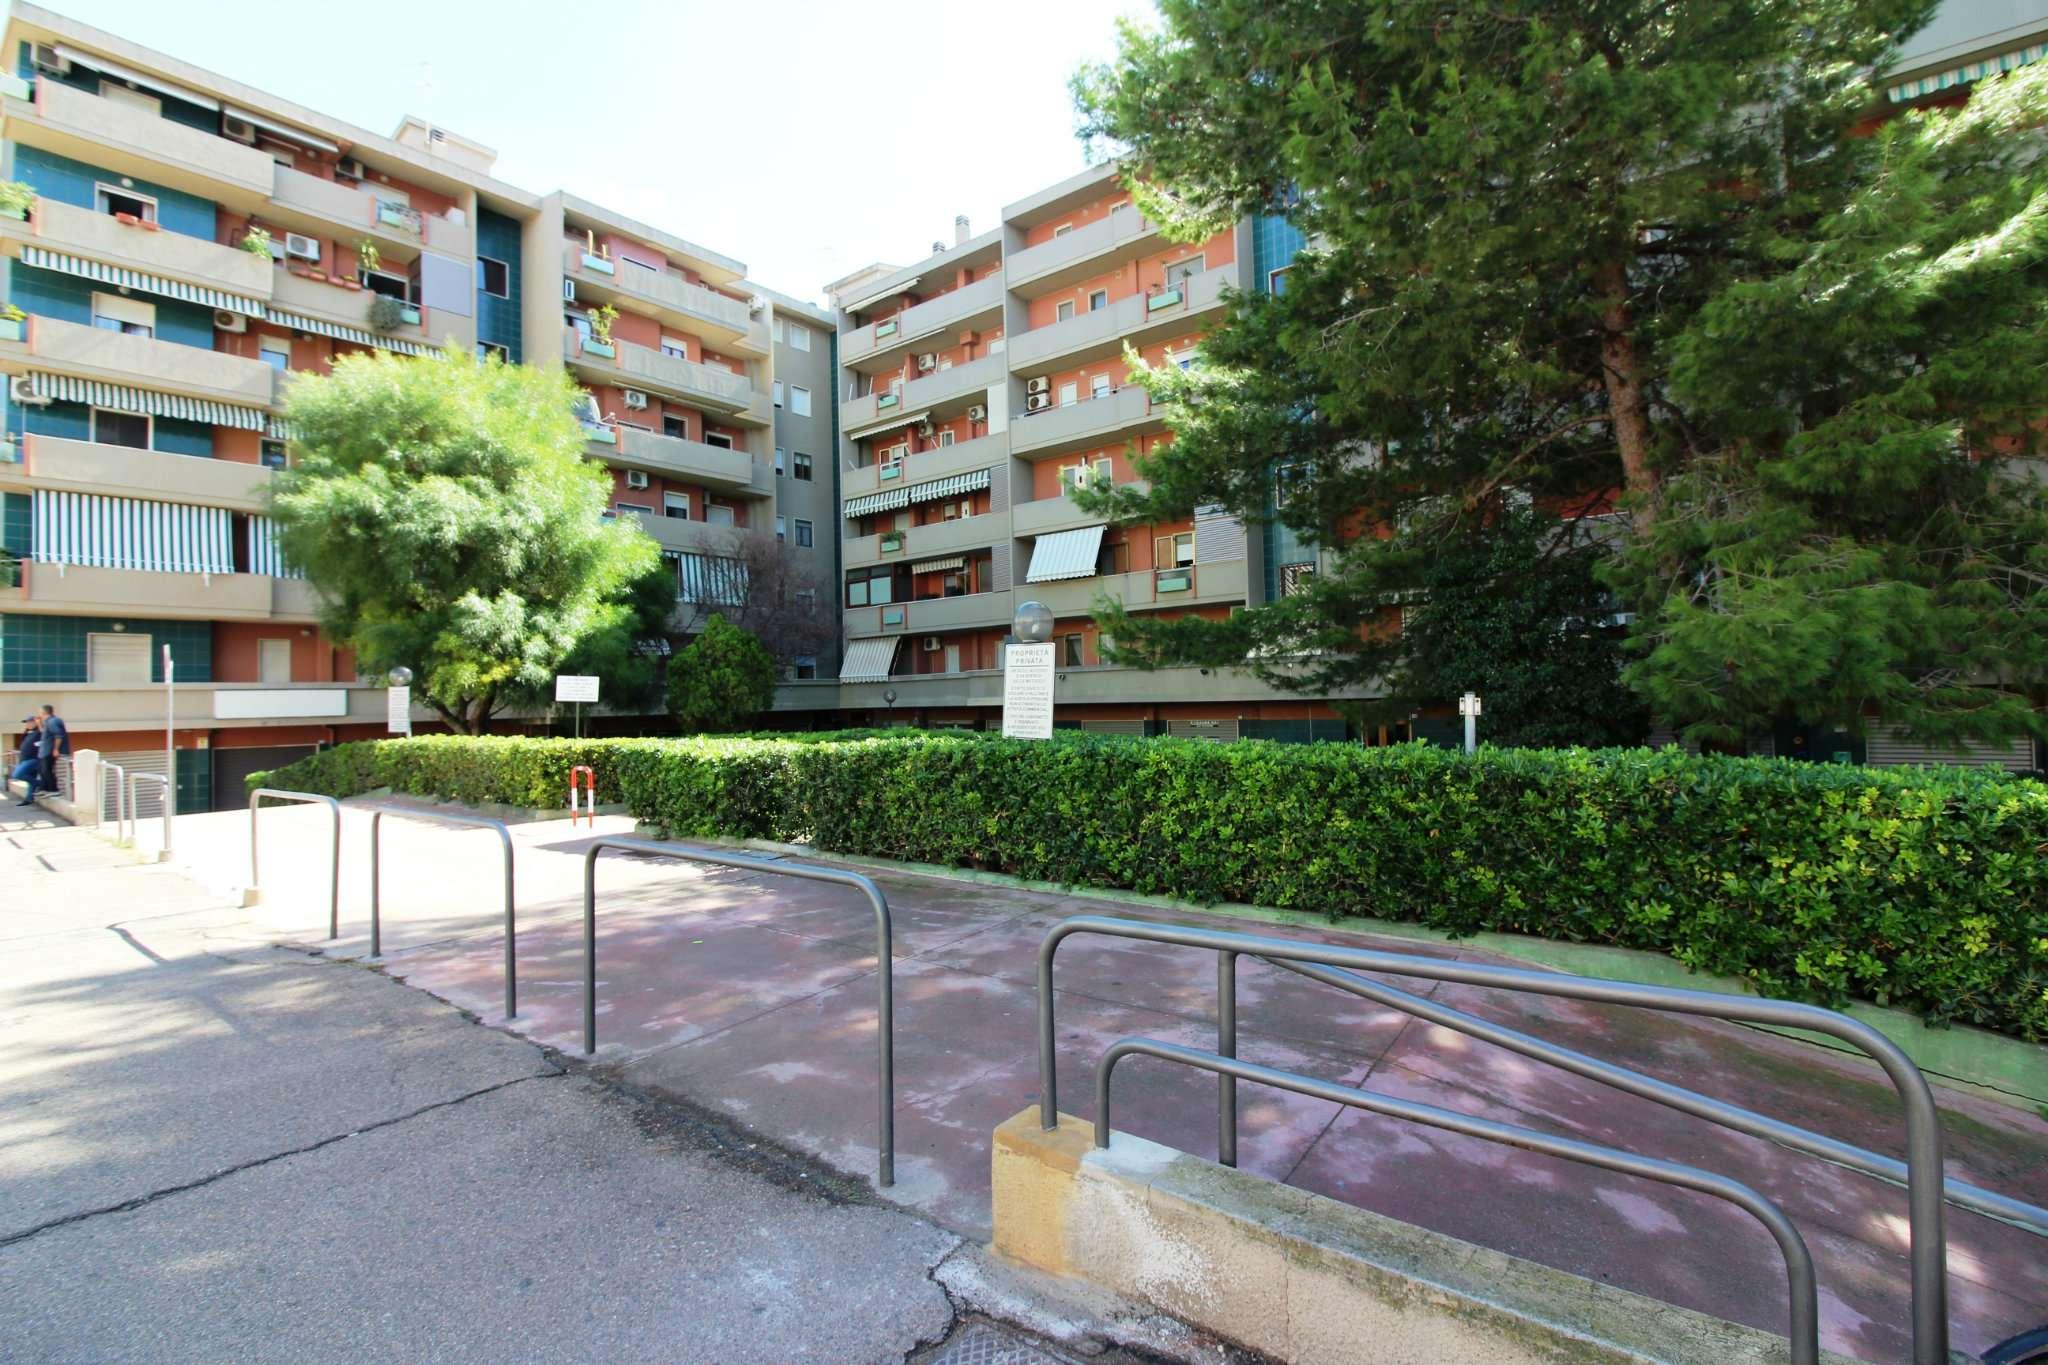 Appartamento in vendita a Quartu Sant'Elena, 2 locali, prezzo € 96.000 | PortaleAgenzieImmobiliari.it